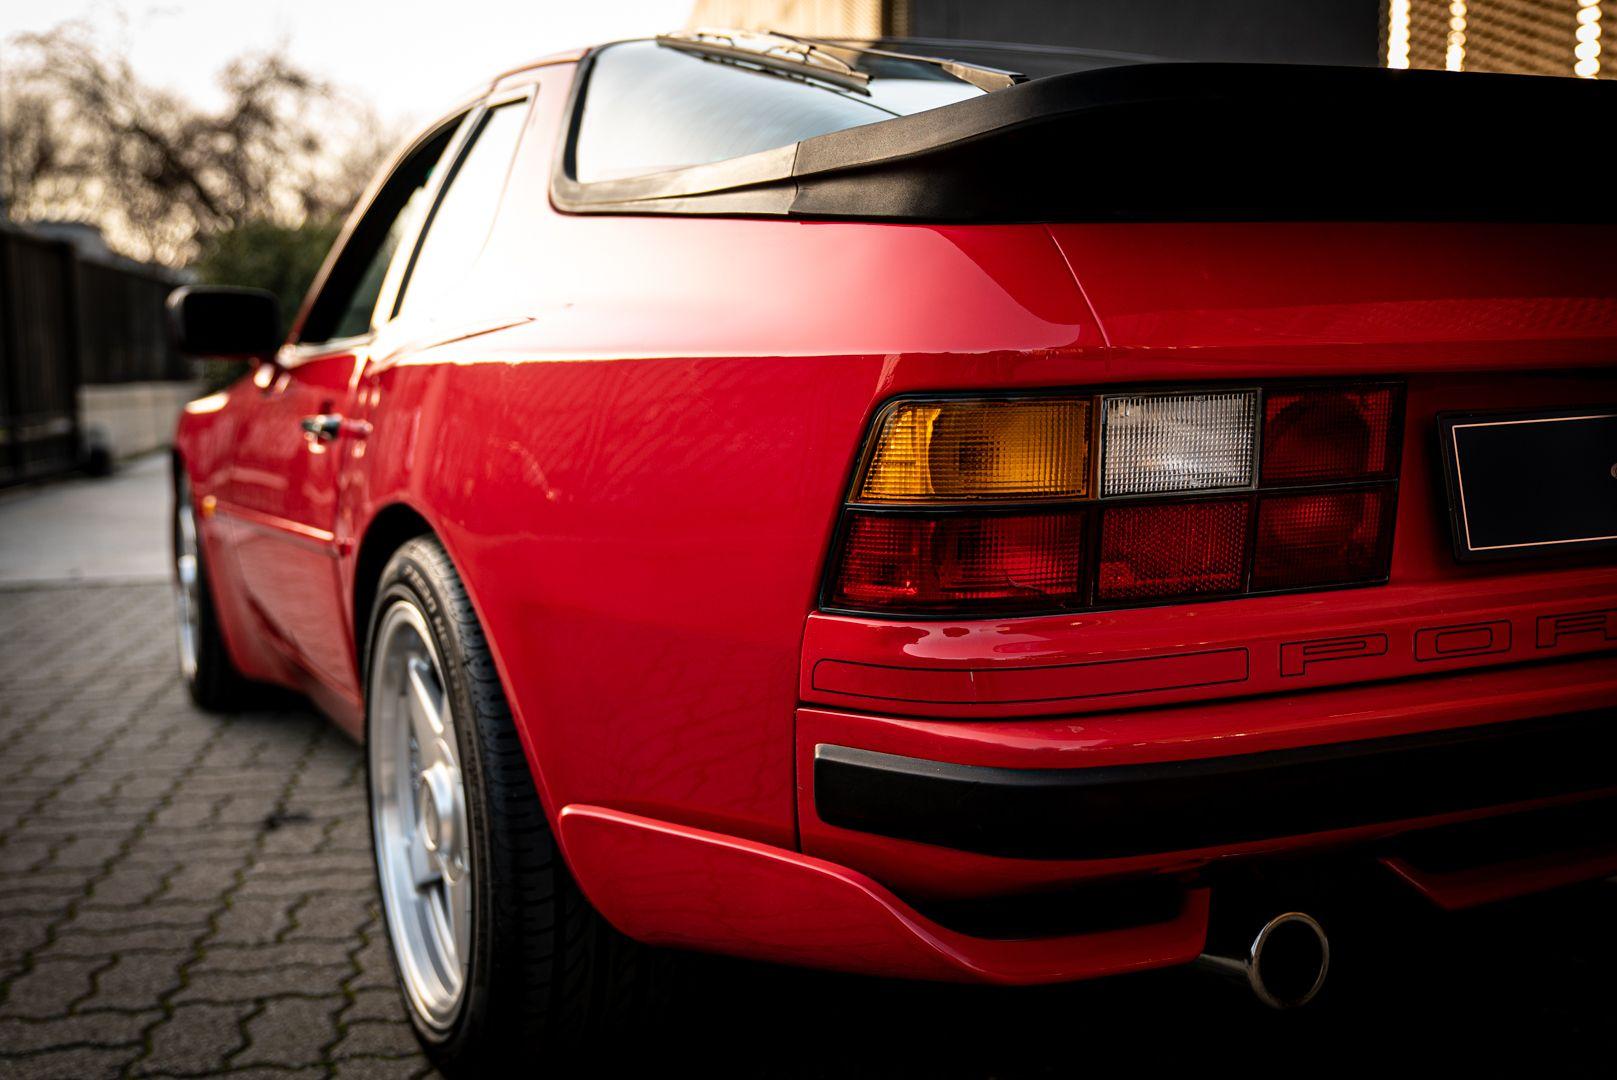 1988 Porsche 944 Turbo S Spec 62102